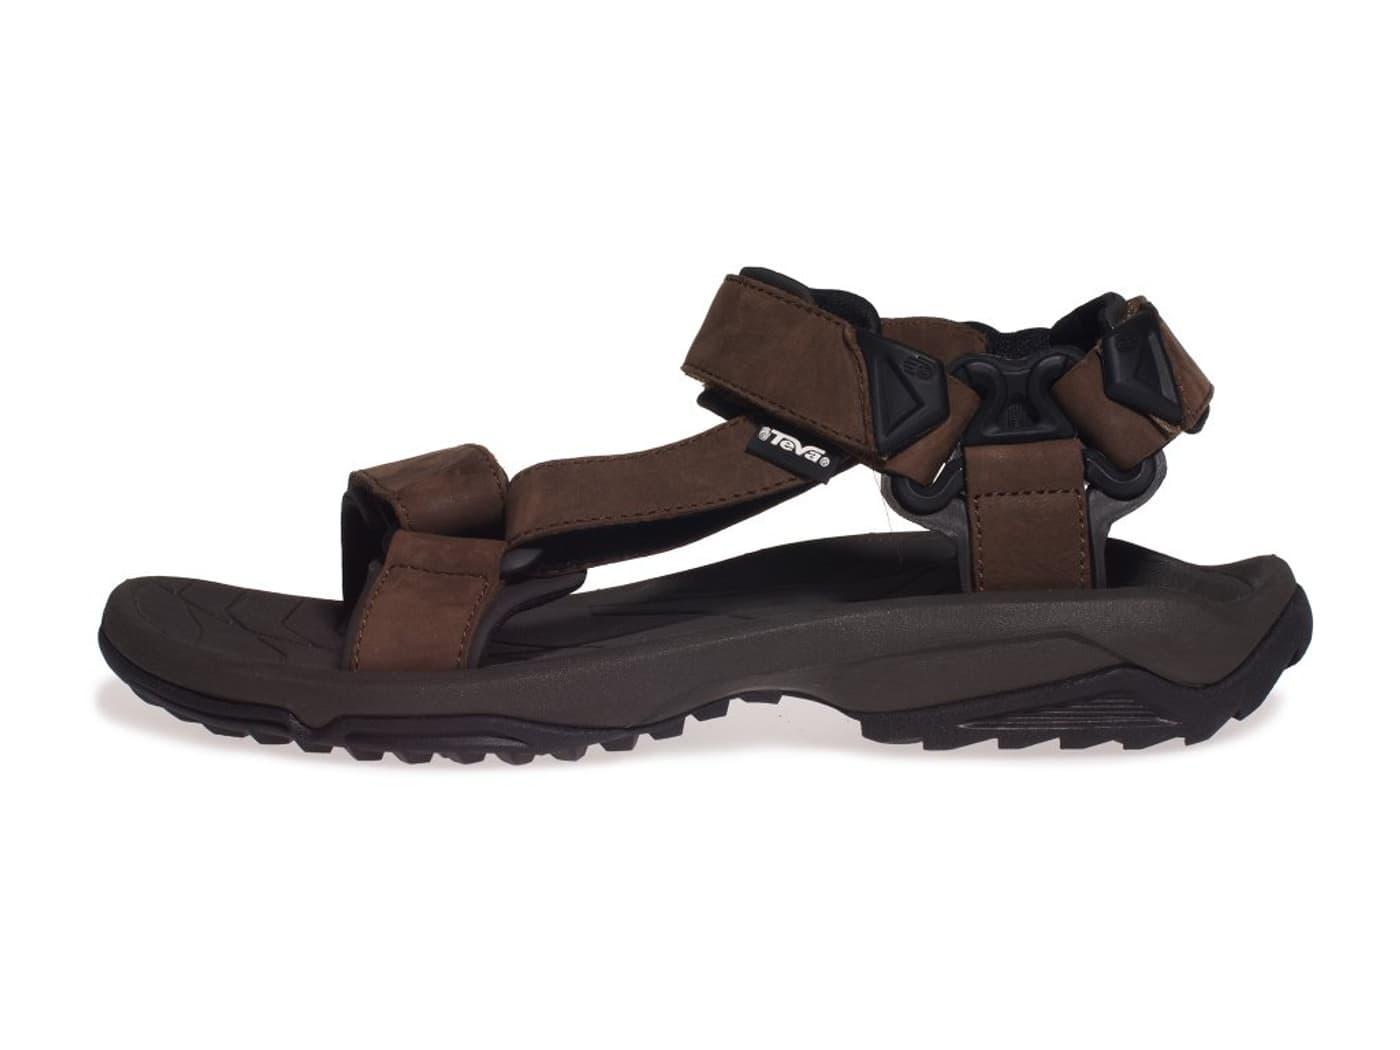 Precio Bajo Del Envío Libre Teva Terra Fi Lite Leder - sandali trekking - uomo Wiki De Salida Manchester Libre Del Envío Venta Disfrutar Footaction Precio Barato QsWHA3s